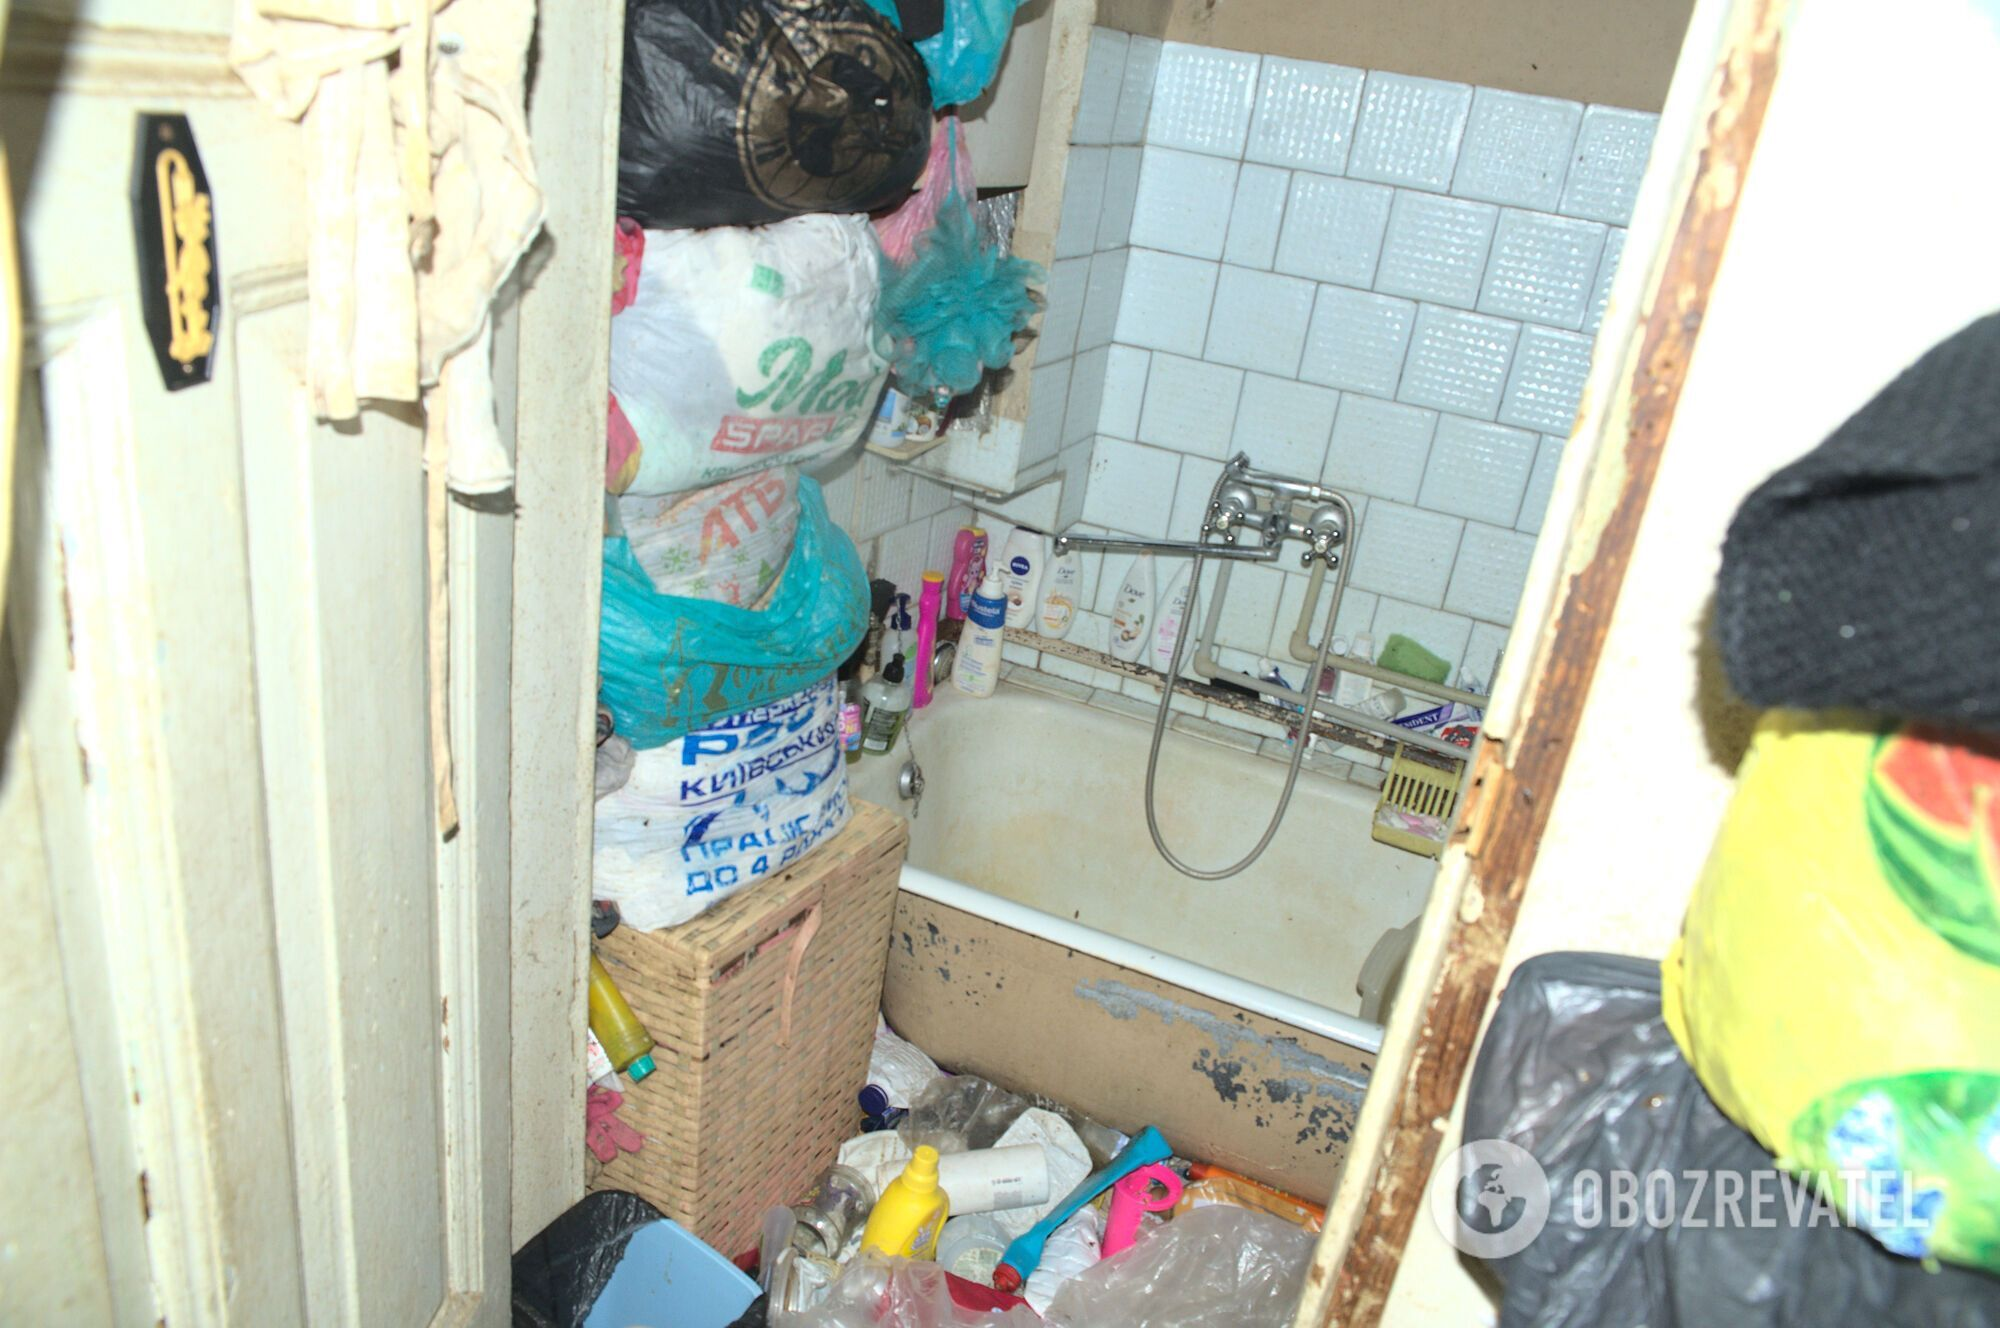 Мусор в харьковской квартире складывали даже в ванной.